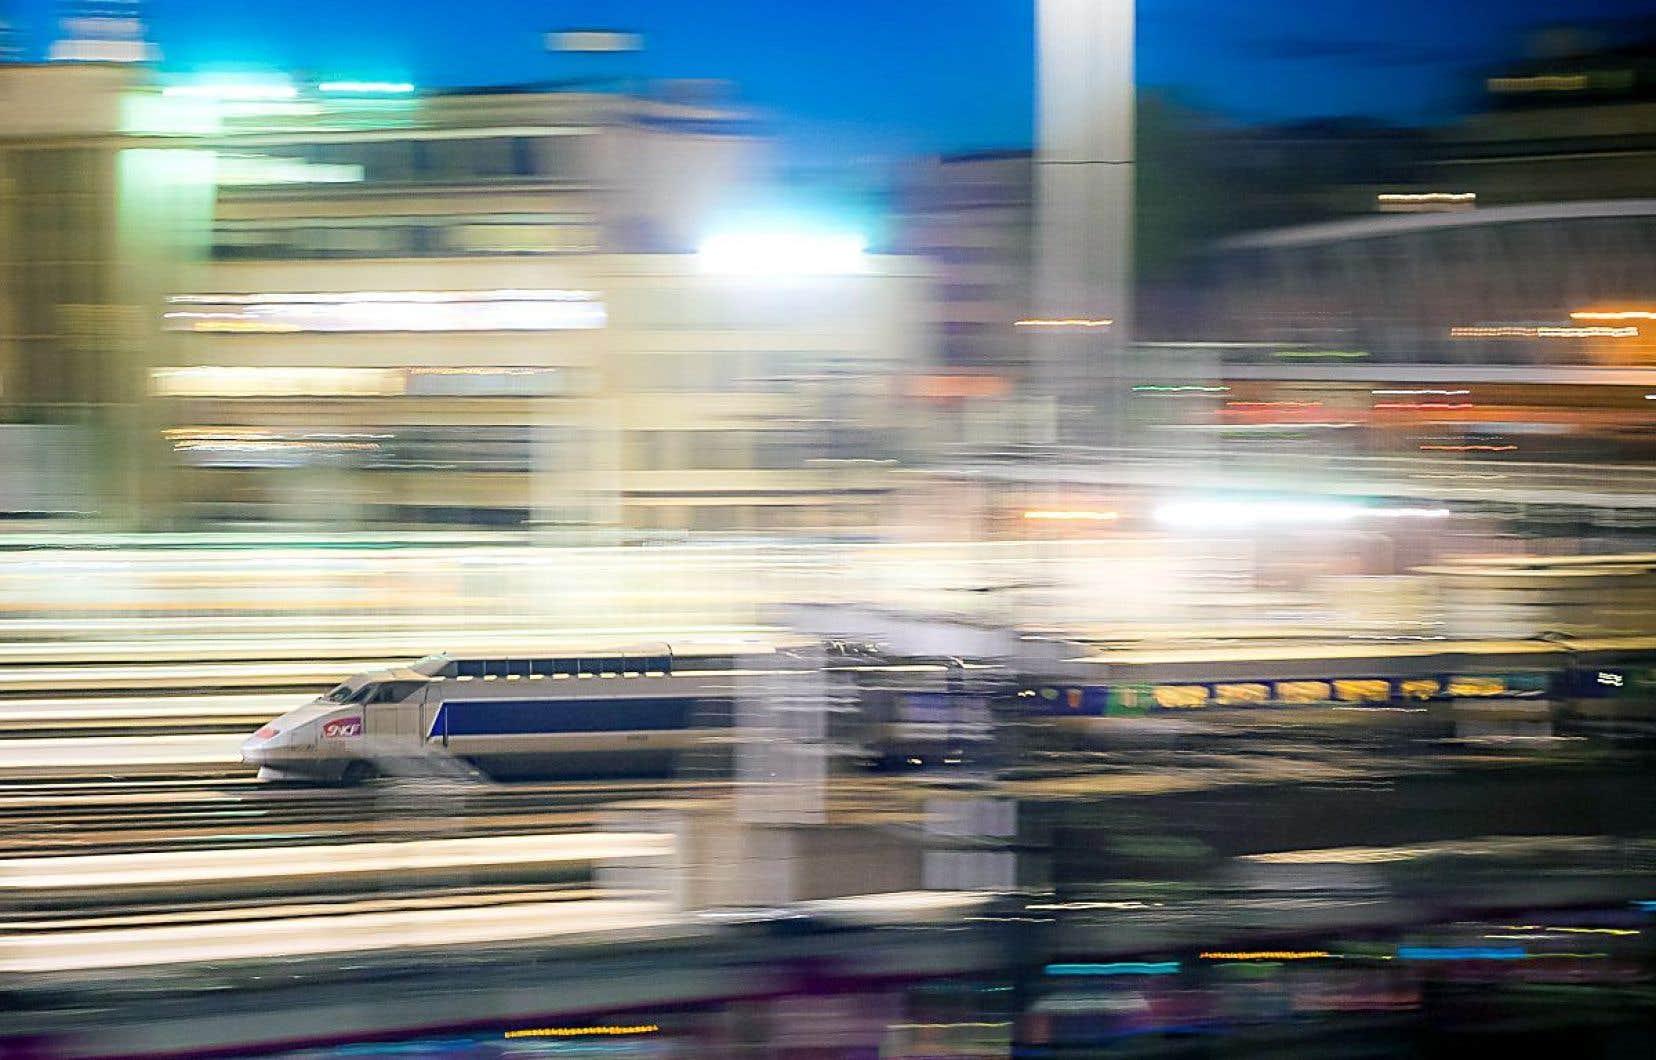 En France, le TGV existe depuis 35 ans. Plus qu'un moyen de transport, c'est aussi un levier stratégique pour stimuler l'économie.